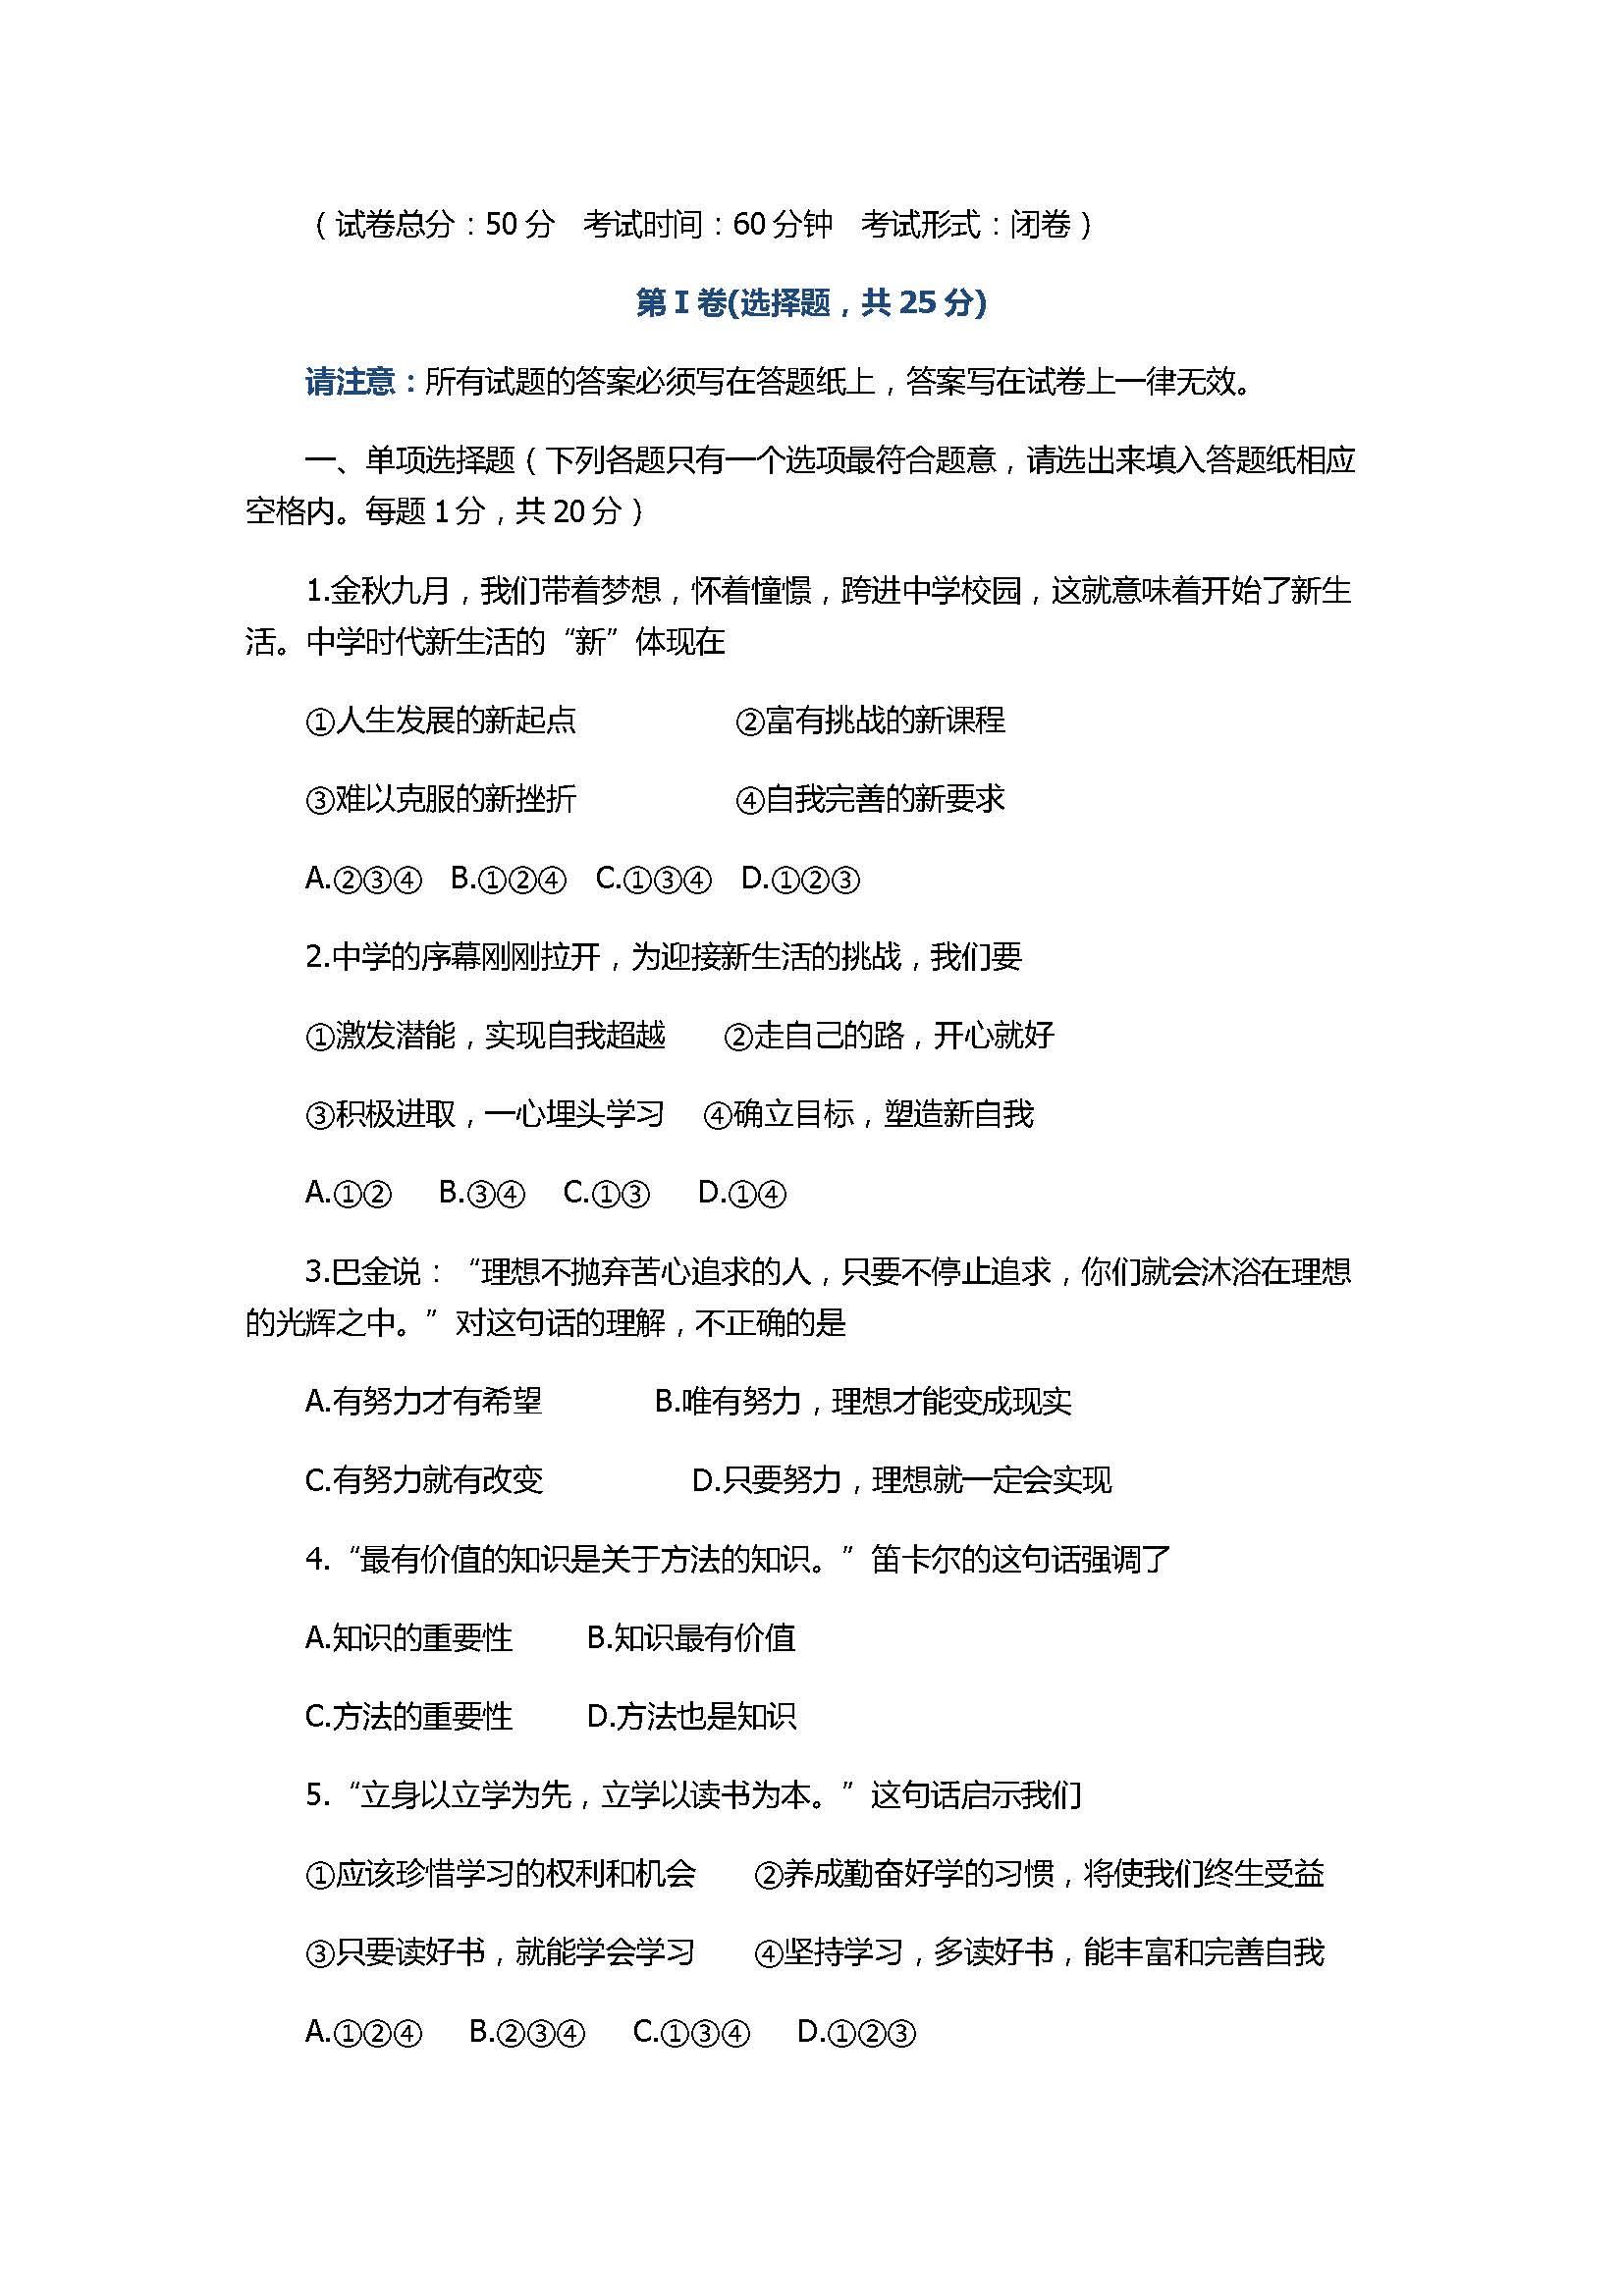 2017七年级政治上册期中测试题含参考答案(姜堰区)